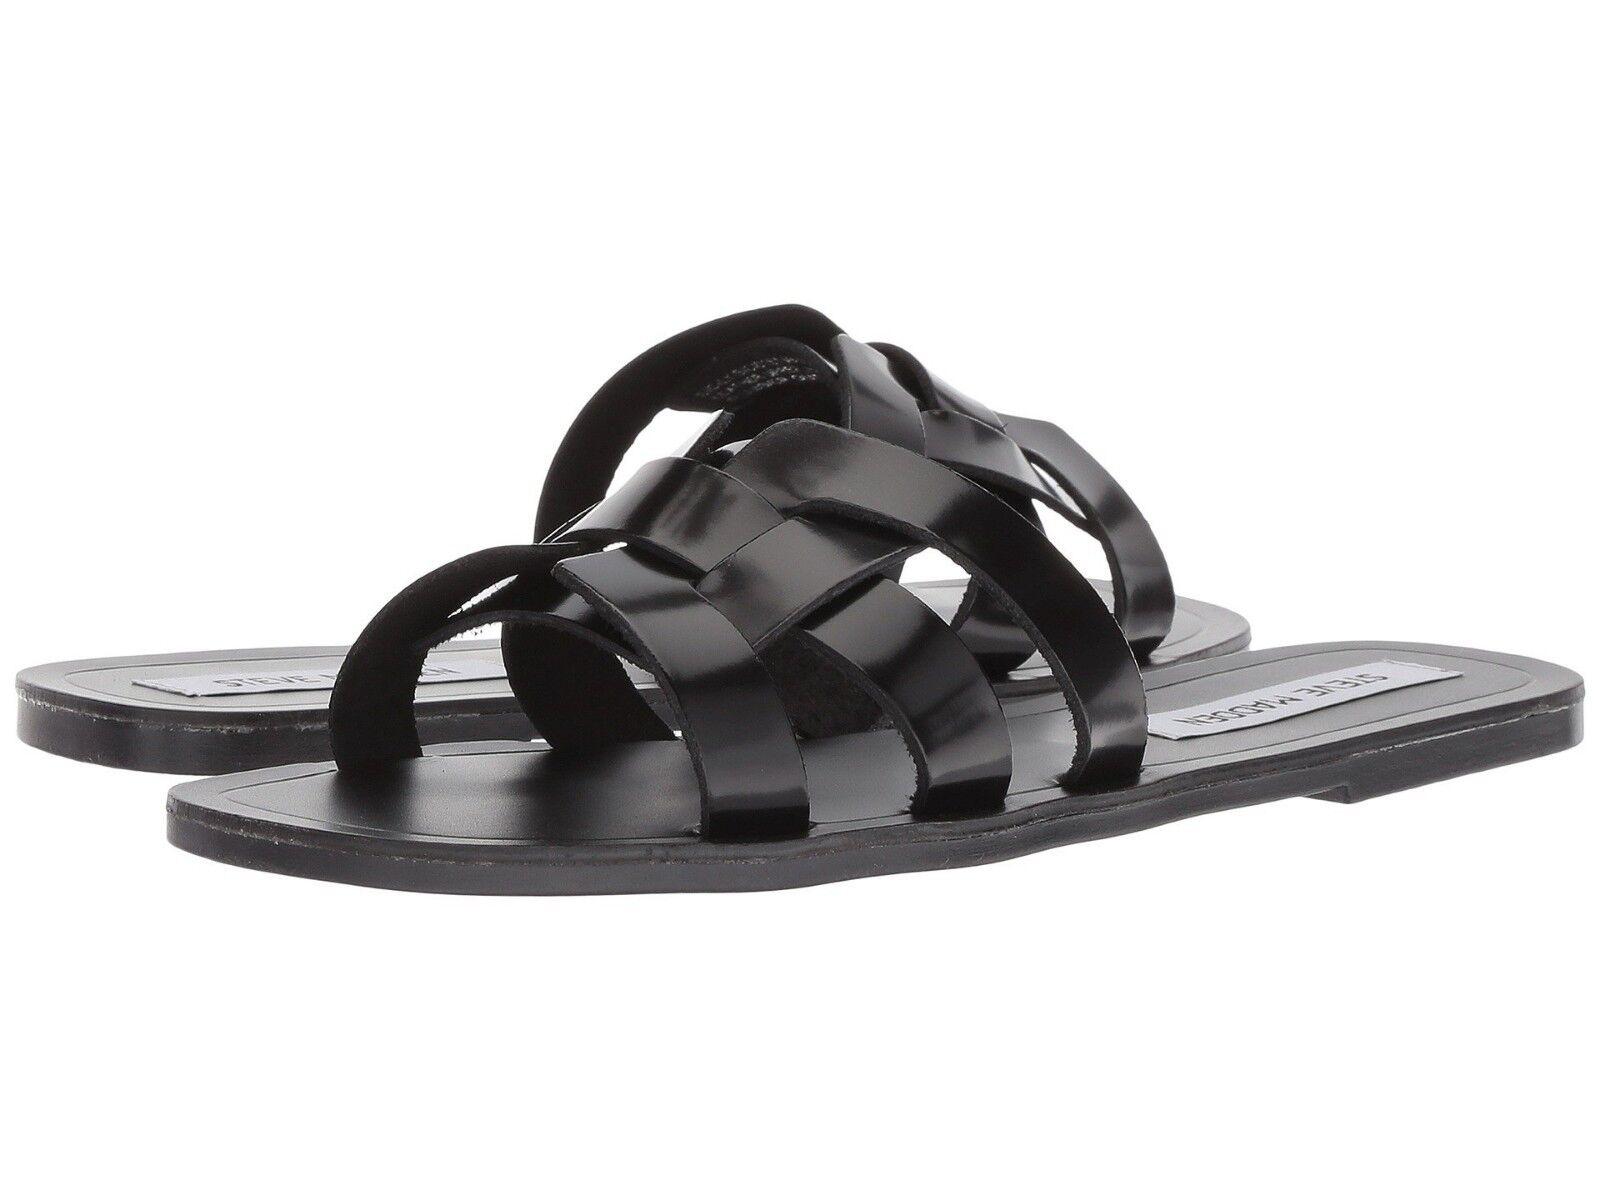 Steve Madden SICILY Slide Flats Sandals Black Women Size 8.5